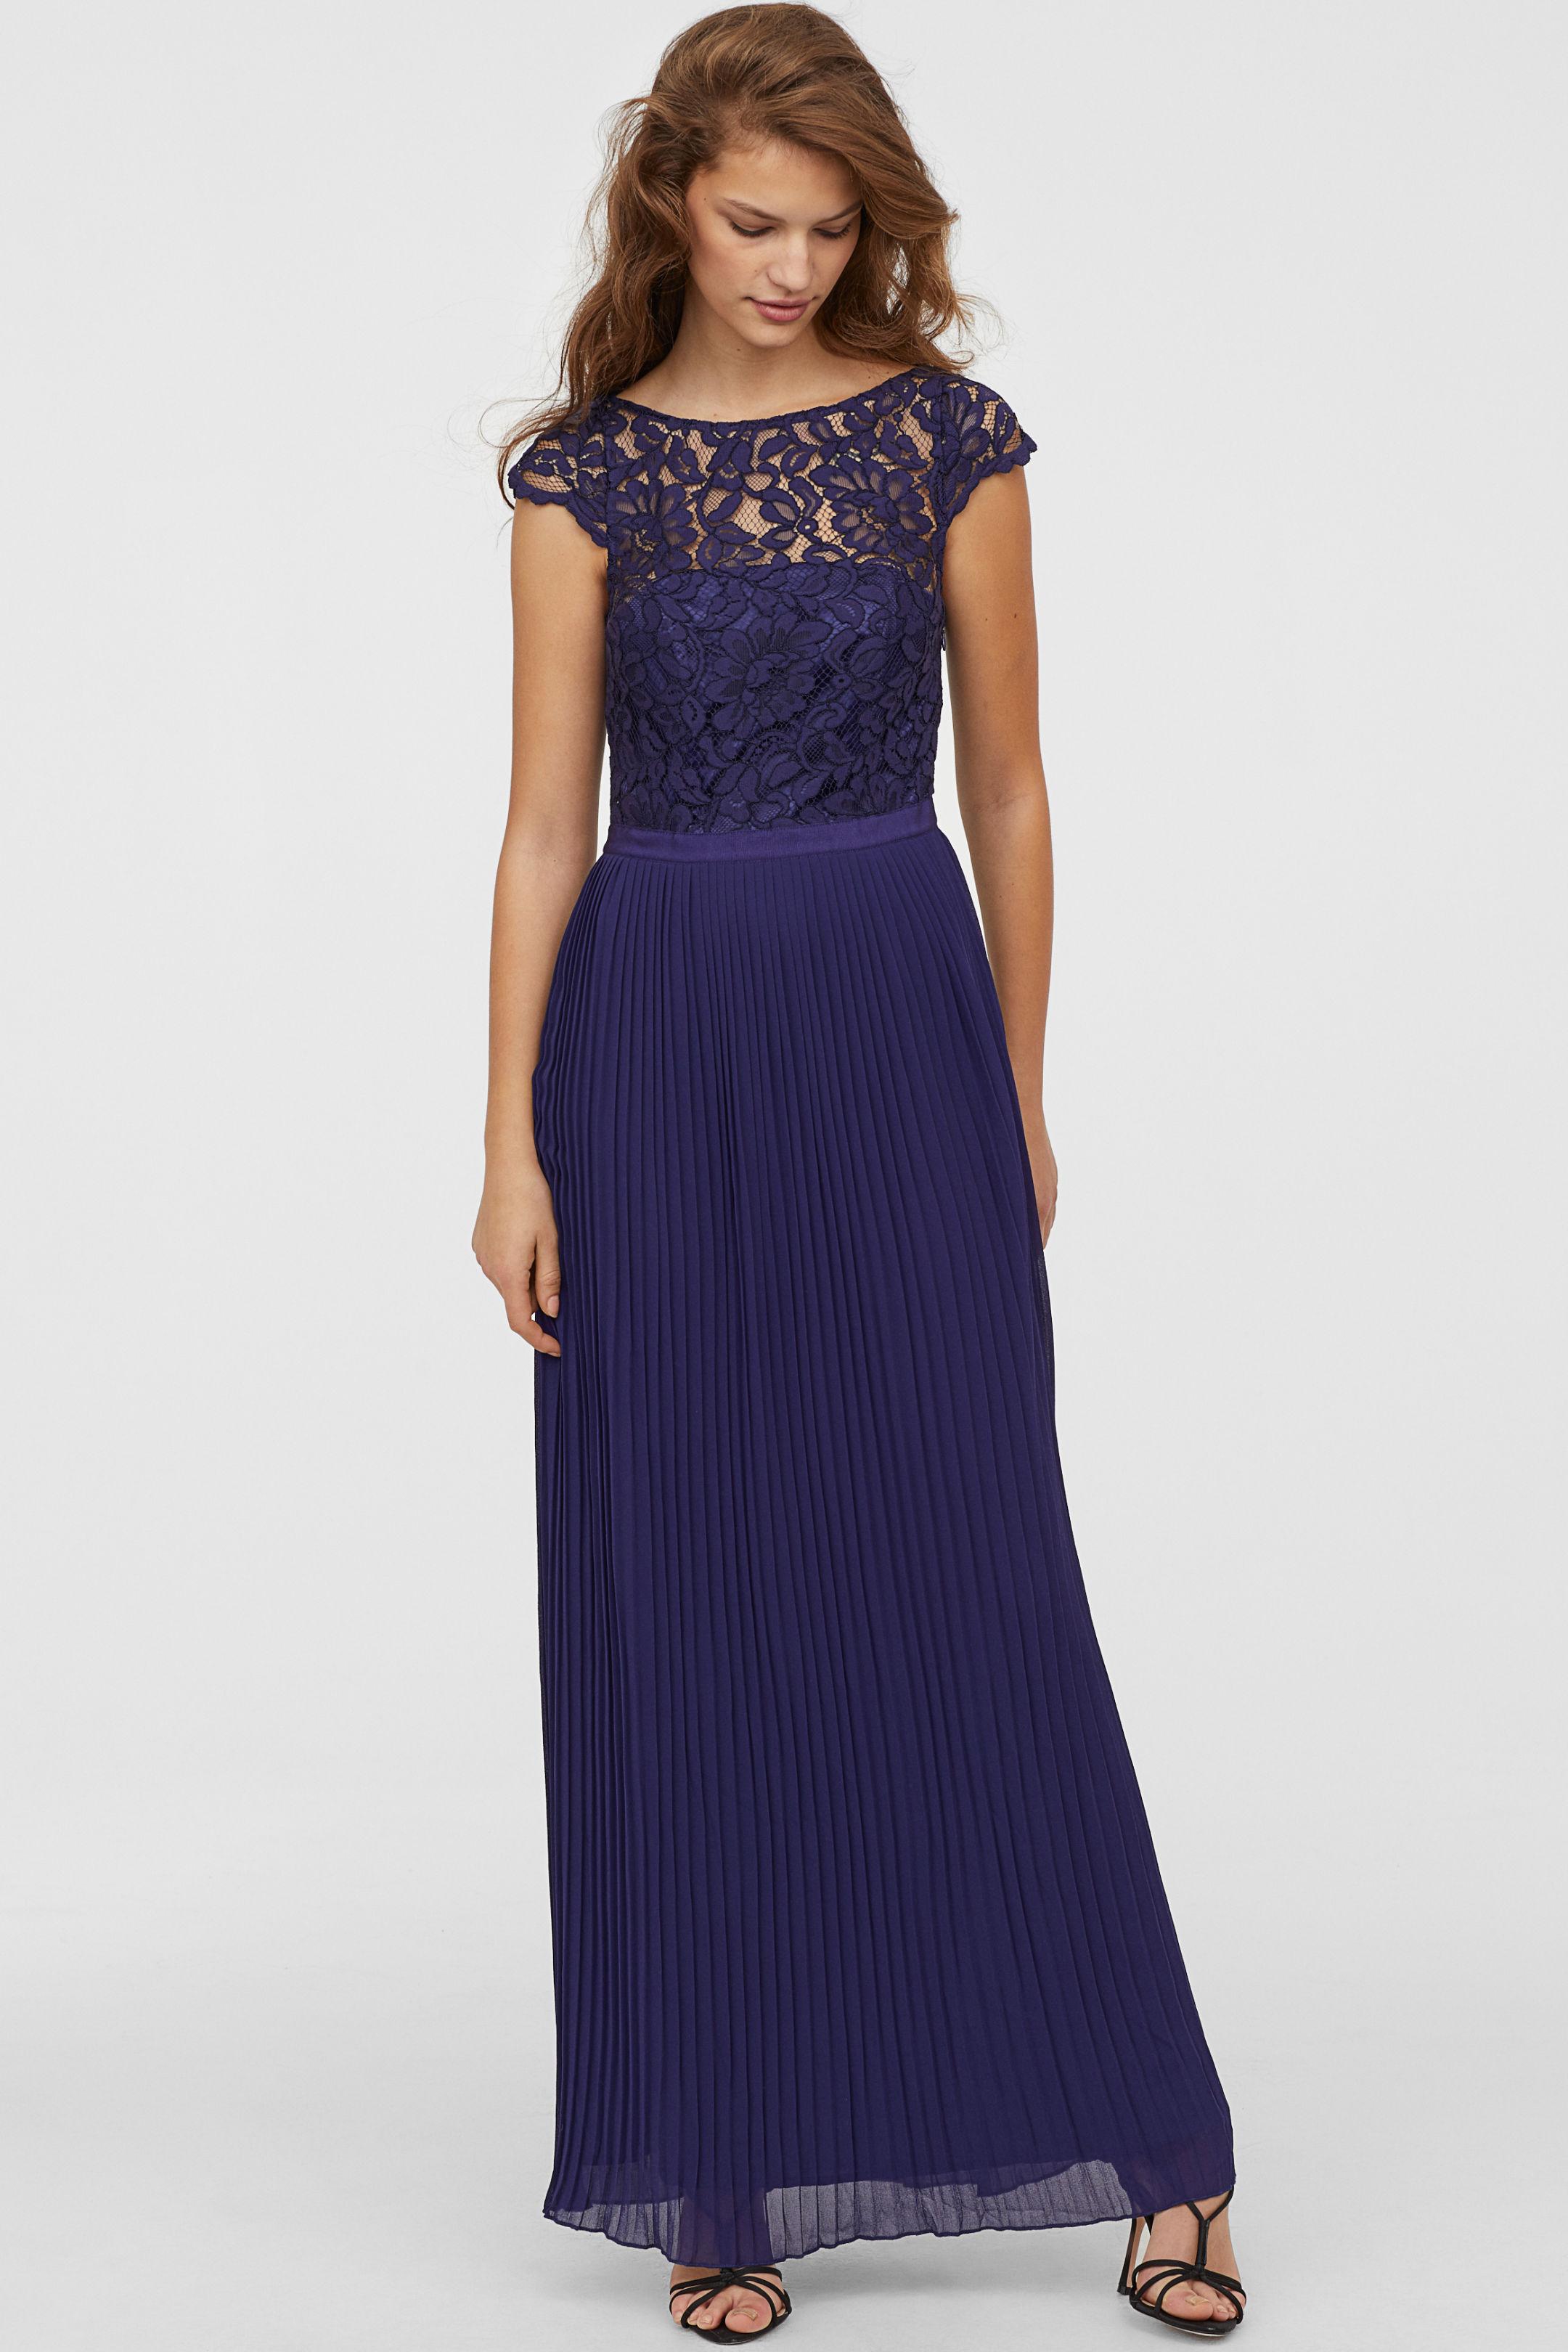 c840ea96f1ef Come vestirsi per un matrimonio in inverno  idee per le invitate ...